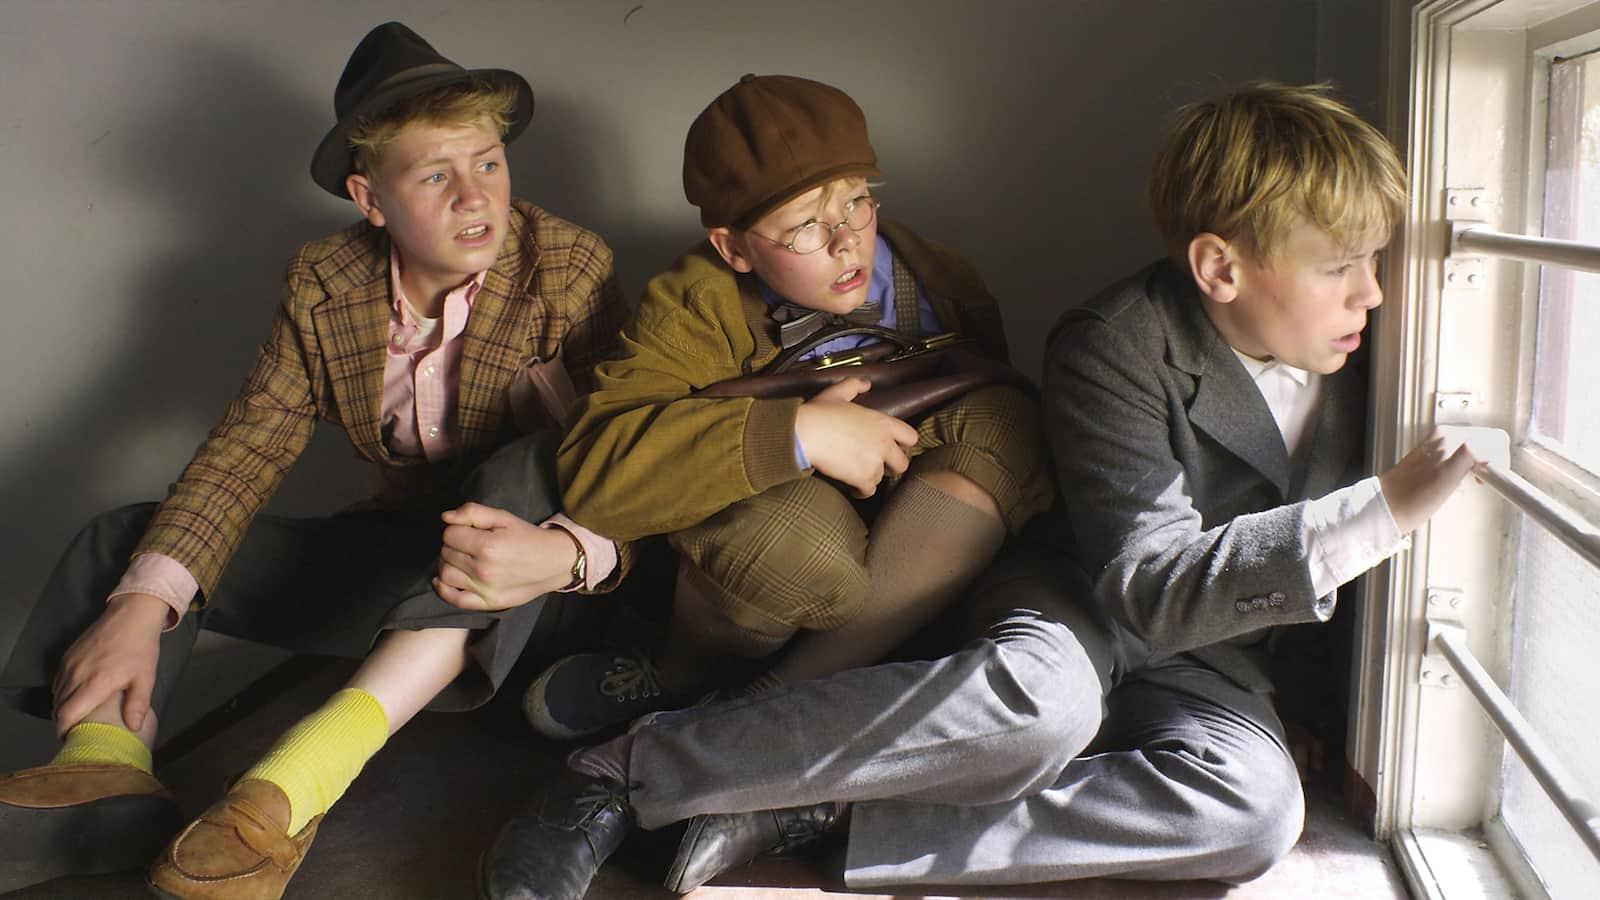 olsen-banden-jr-og-det-sorte-gullet-2009